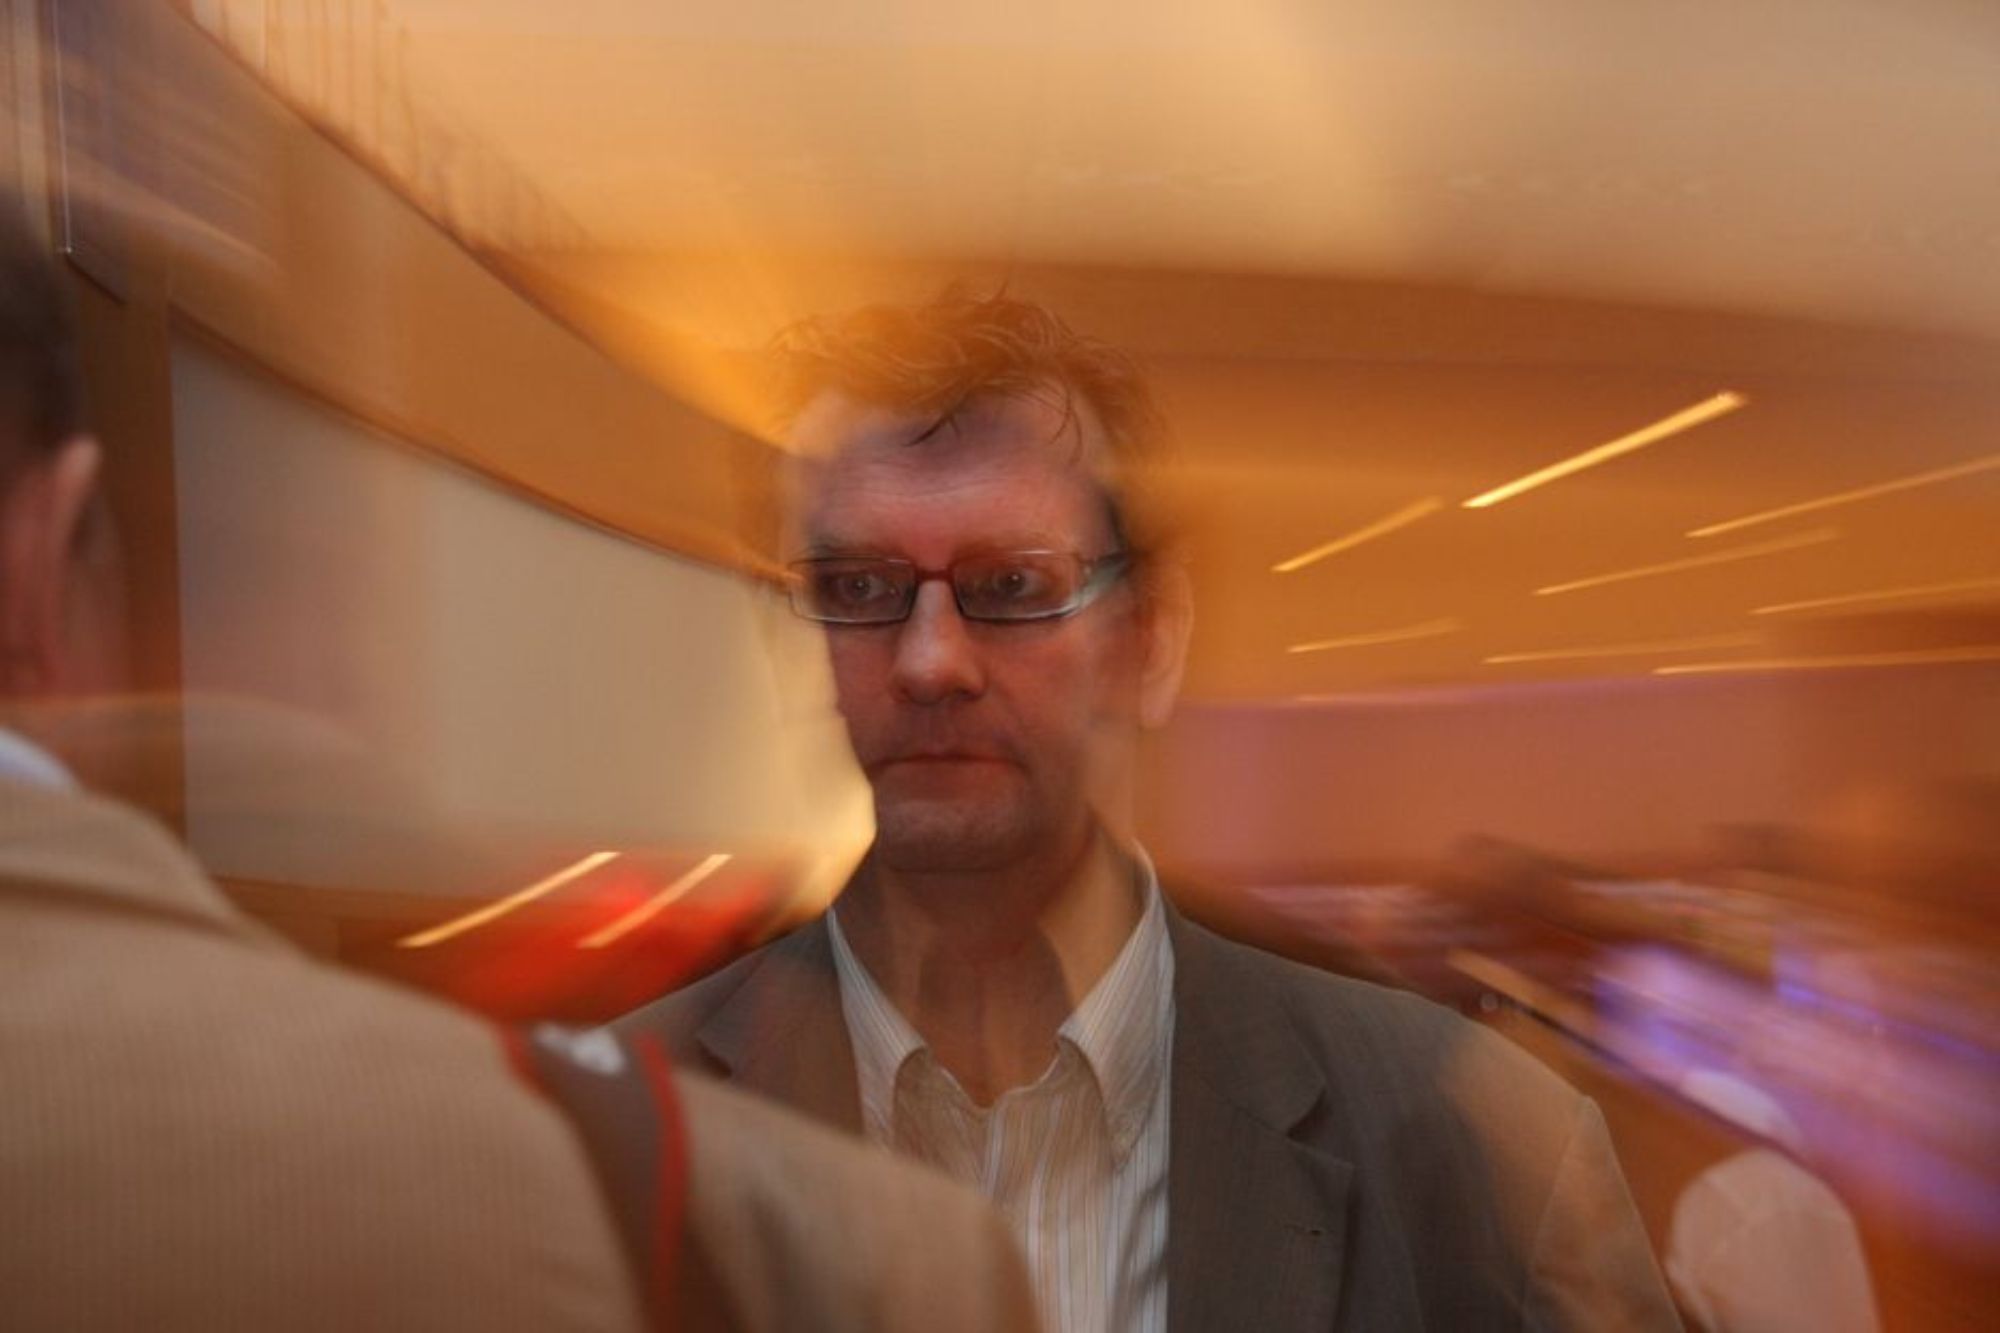 MÅLRETTET: - Nettkriminelle arbeider mer og mer målrettet og profesjonelt for å få tilgang til datakraften, identiteten og kredittkortdetaljene til brukerne, sier sikkerhetsansvarlig Ole Tom Seierstad hos Microsoft Norge.